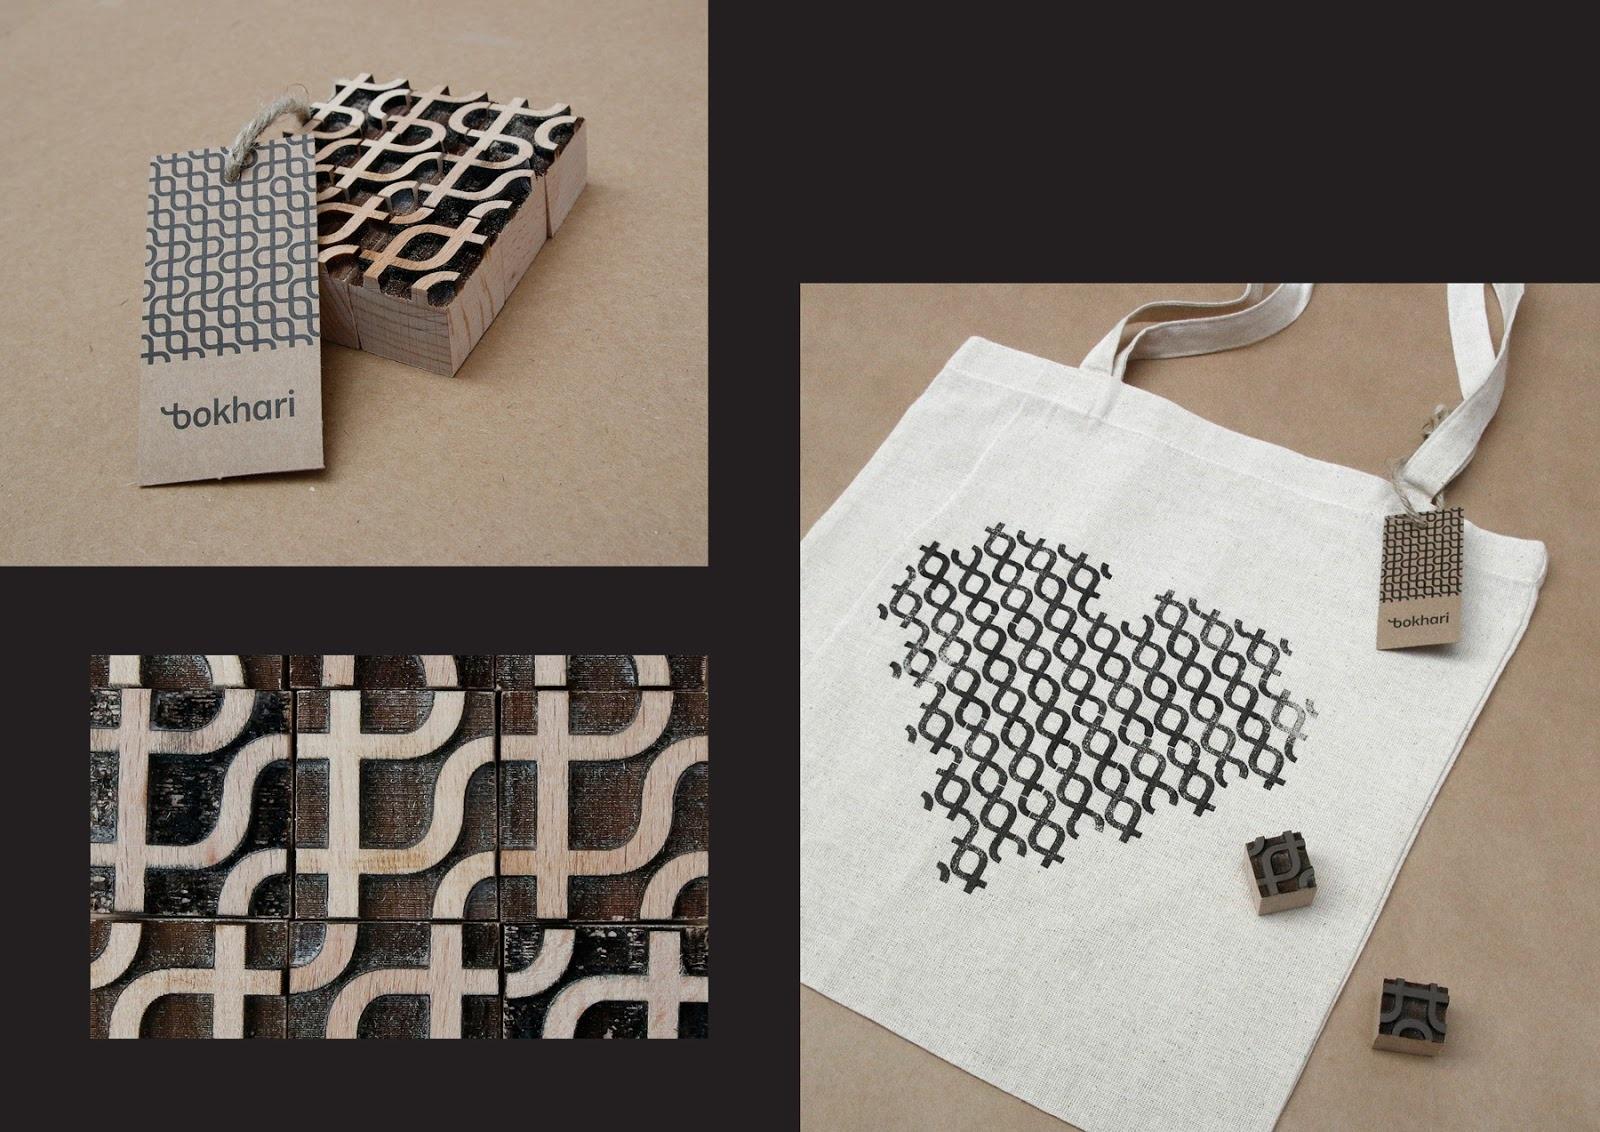 挪威Bokhari纺织品品牌视觉设计